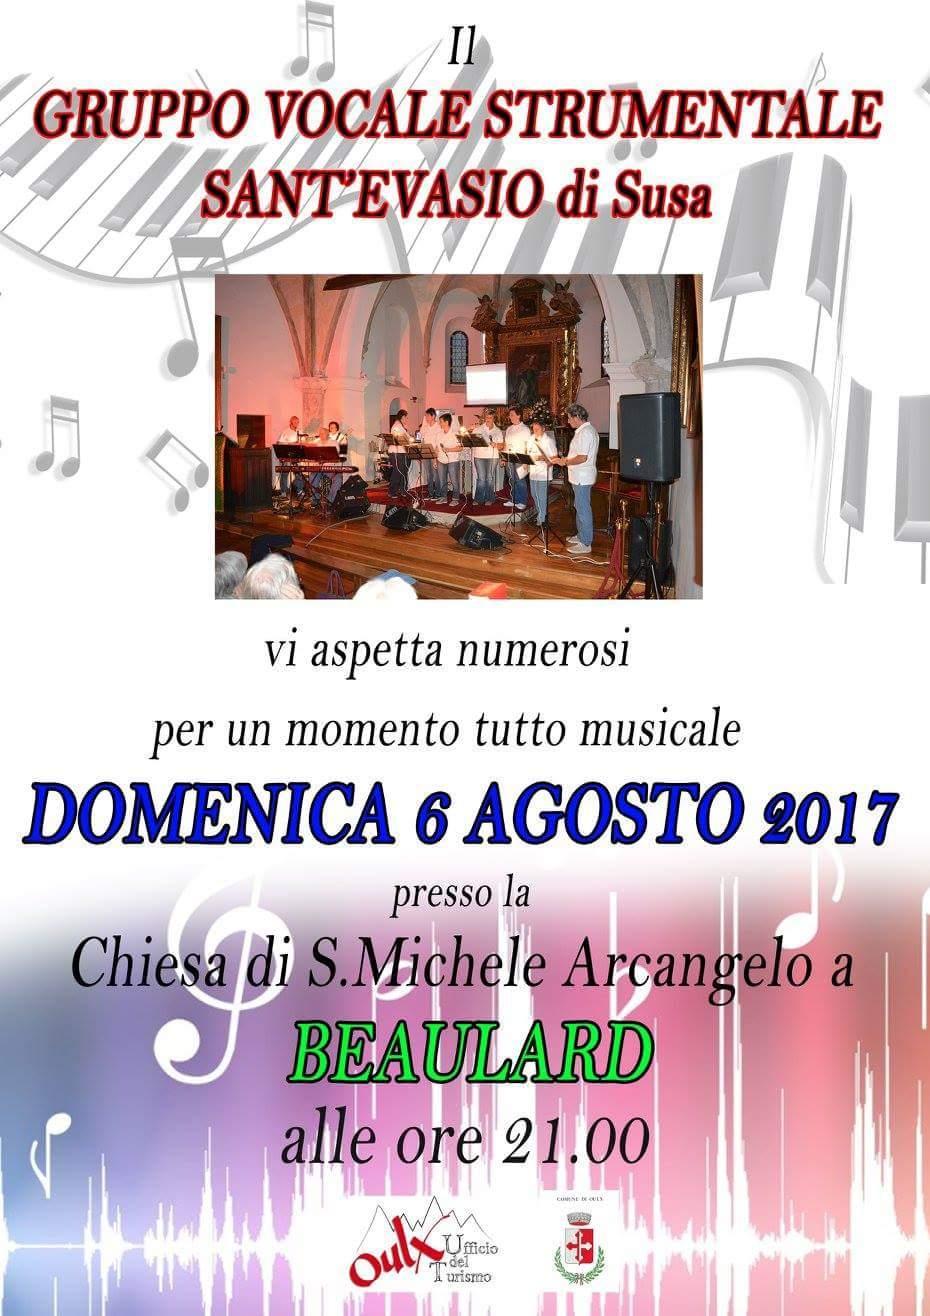 Concerto del Gruppo Corale e Strumentale S.Evasio